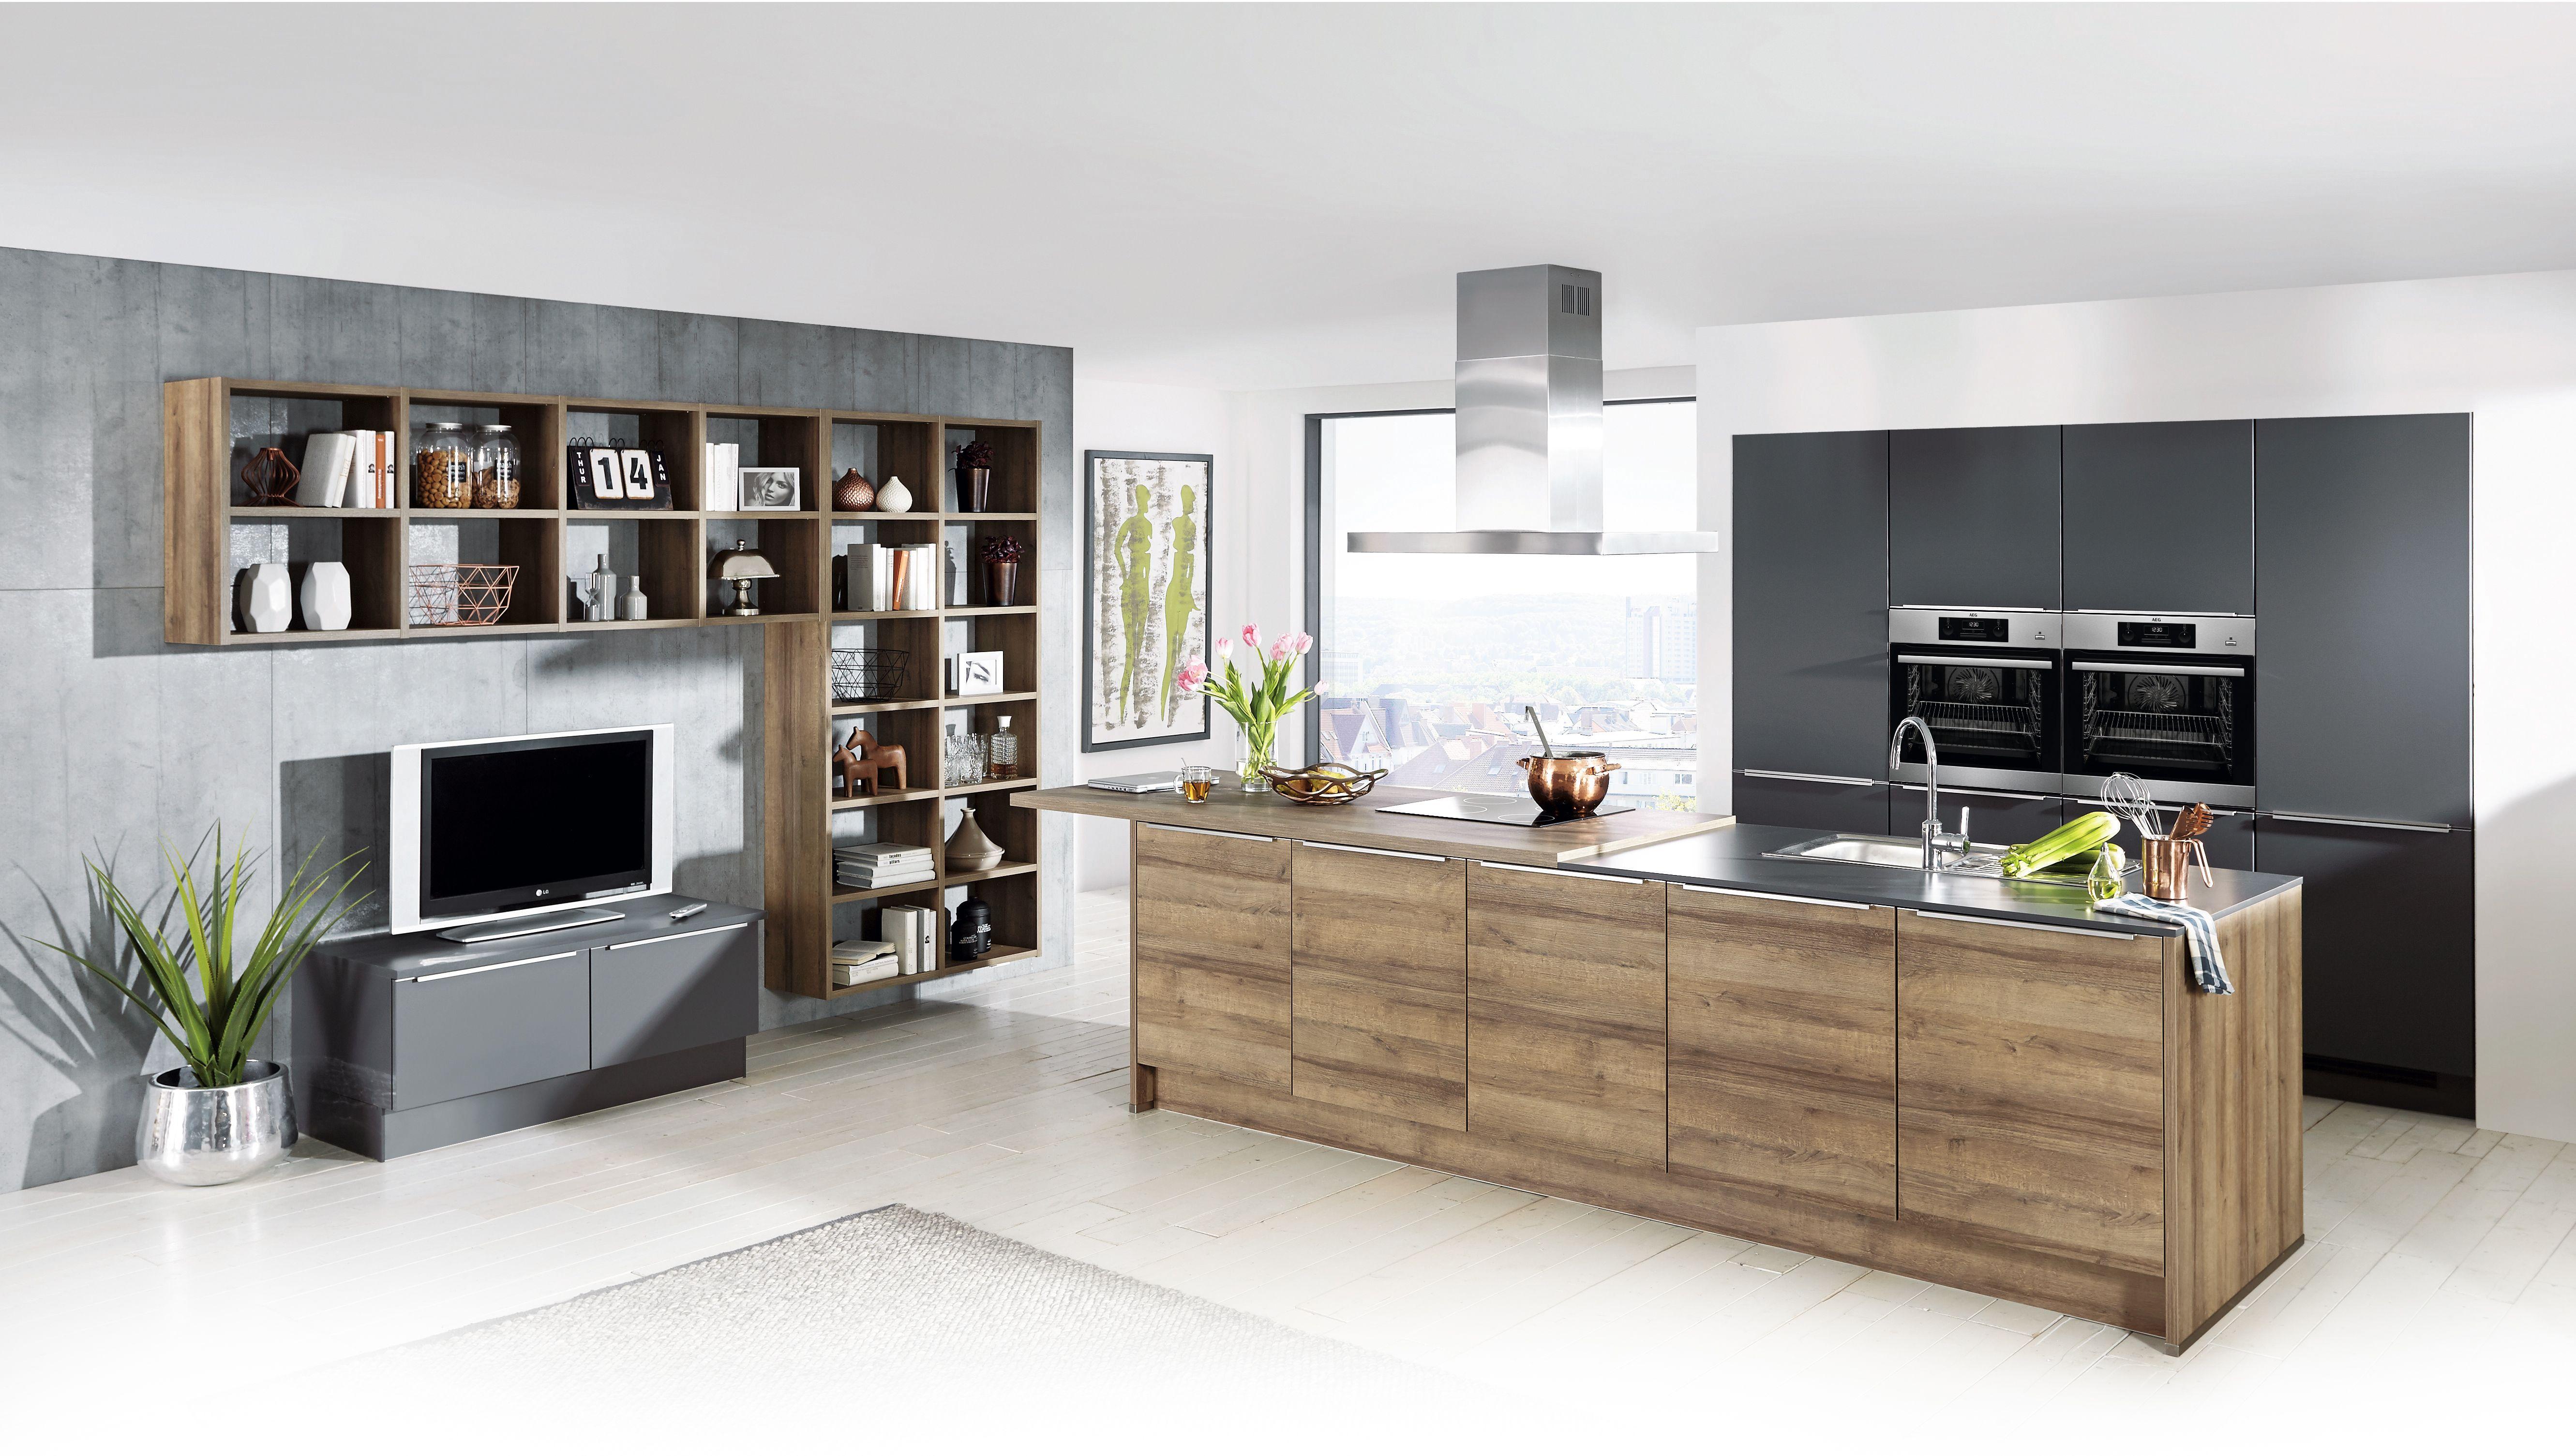 Diese Wohnkuche Besticht Durch Ihre Kombination Aus Schiefergrauem